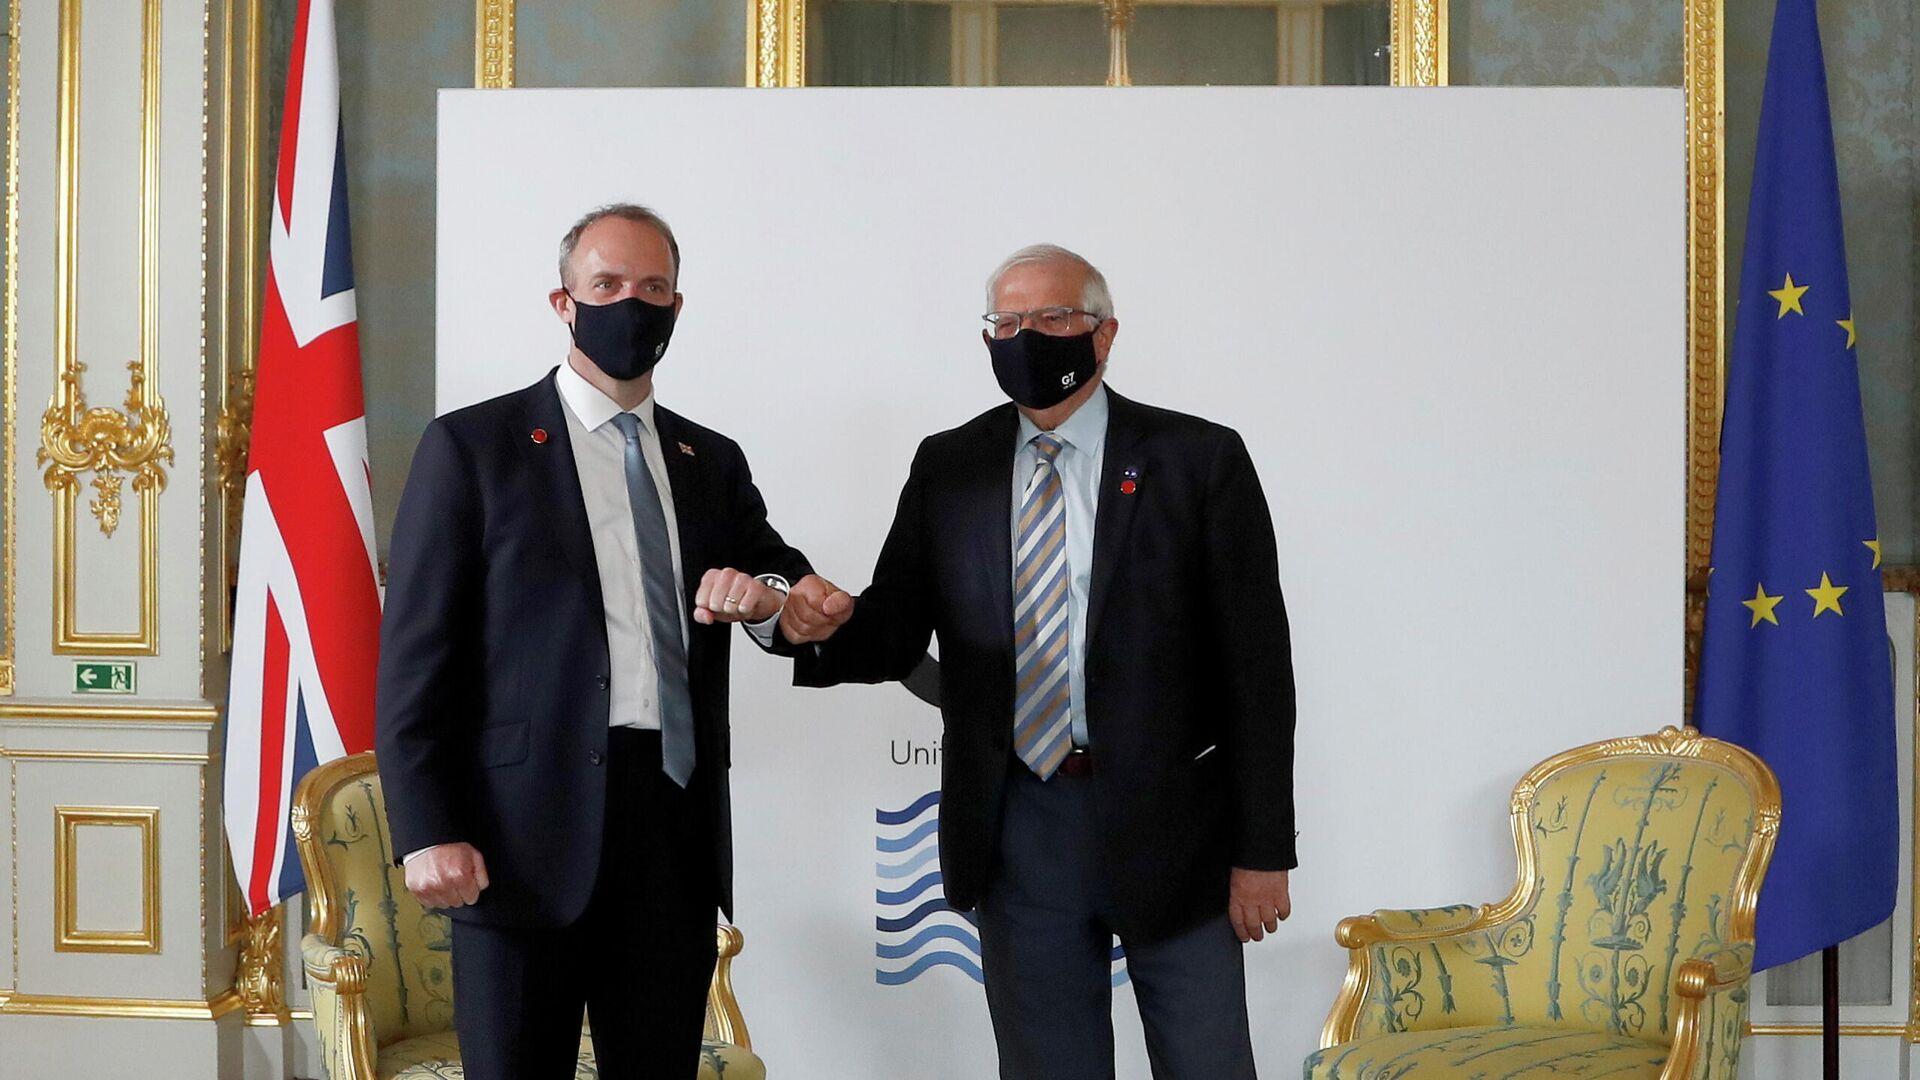 El canciller británico, Dominic Raab, y el alto representante de Exteriores y vicepresidente de la Comisión Europea, Josep Borrell - Sputnik Mundo, 1920, 05.05.2021